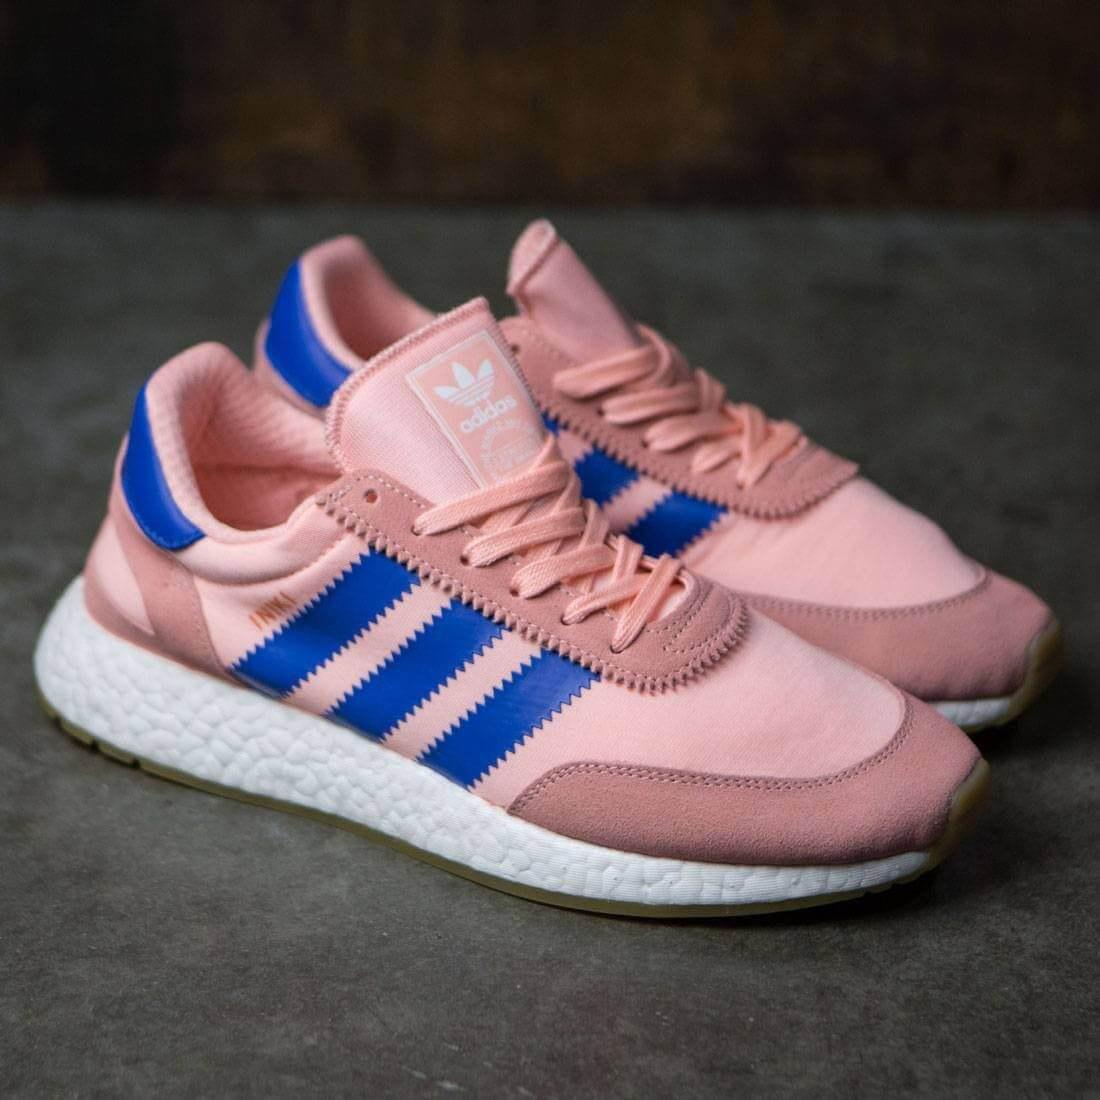 Интернет магазин спортивной обуви. Качественные кроссовки., фото 4 ... b767abc59ab